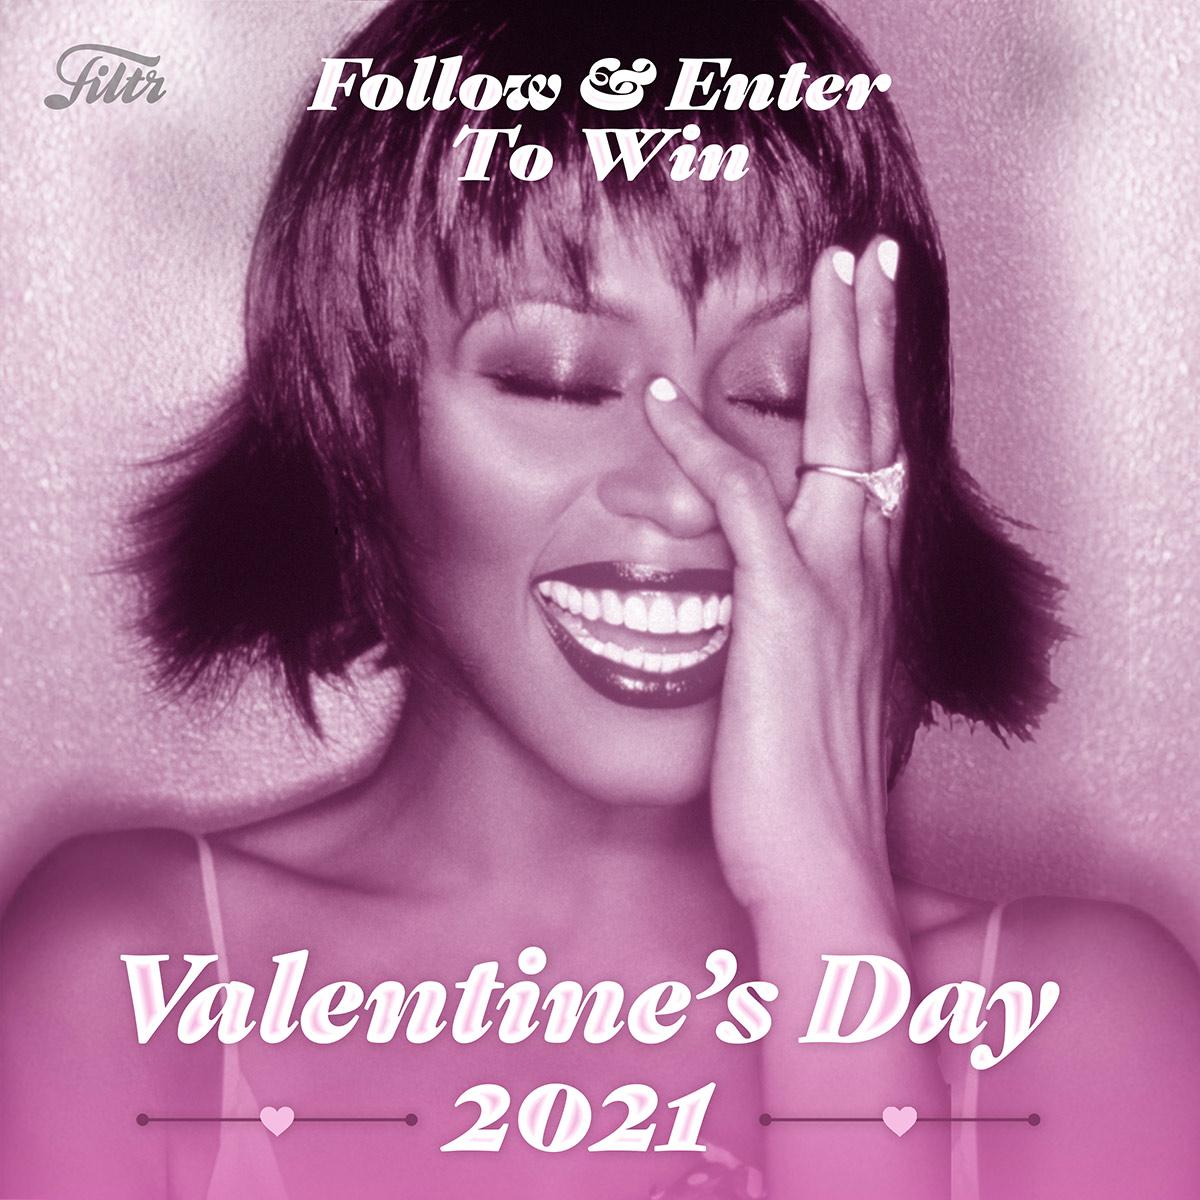 Valentine's Day 2021 playlist